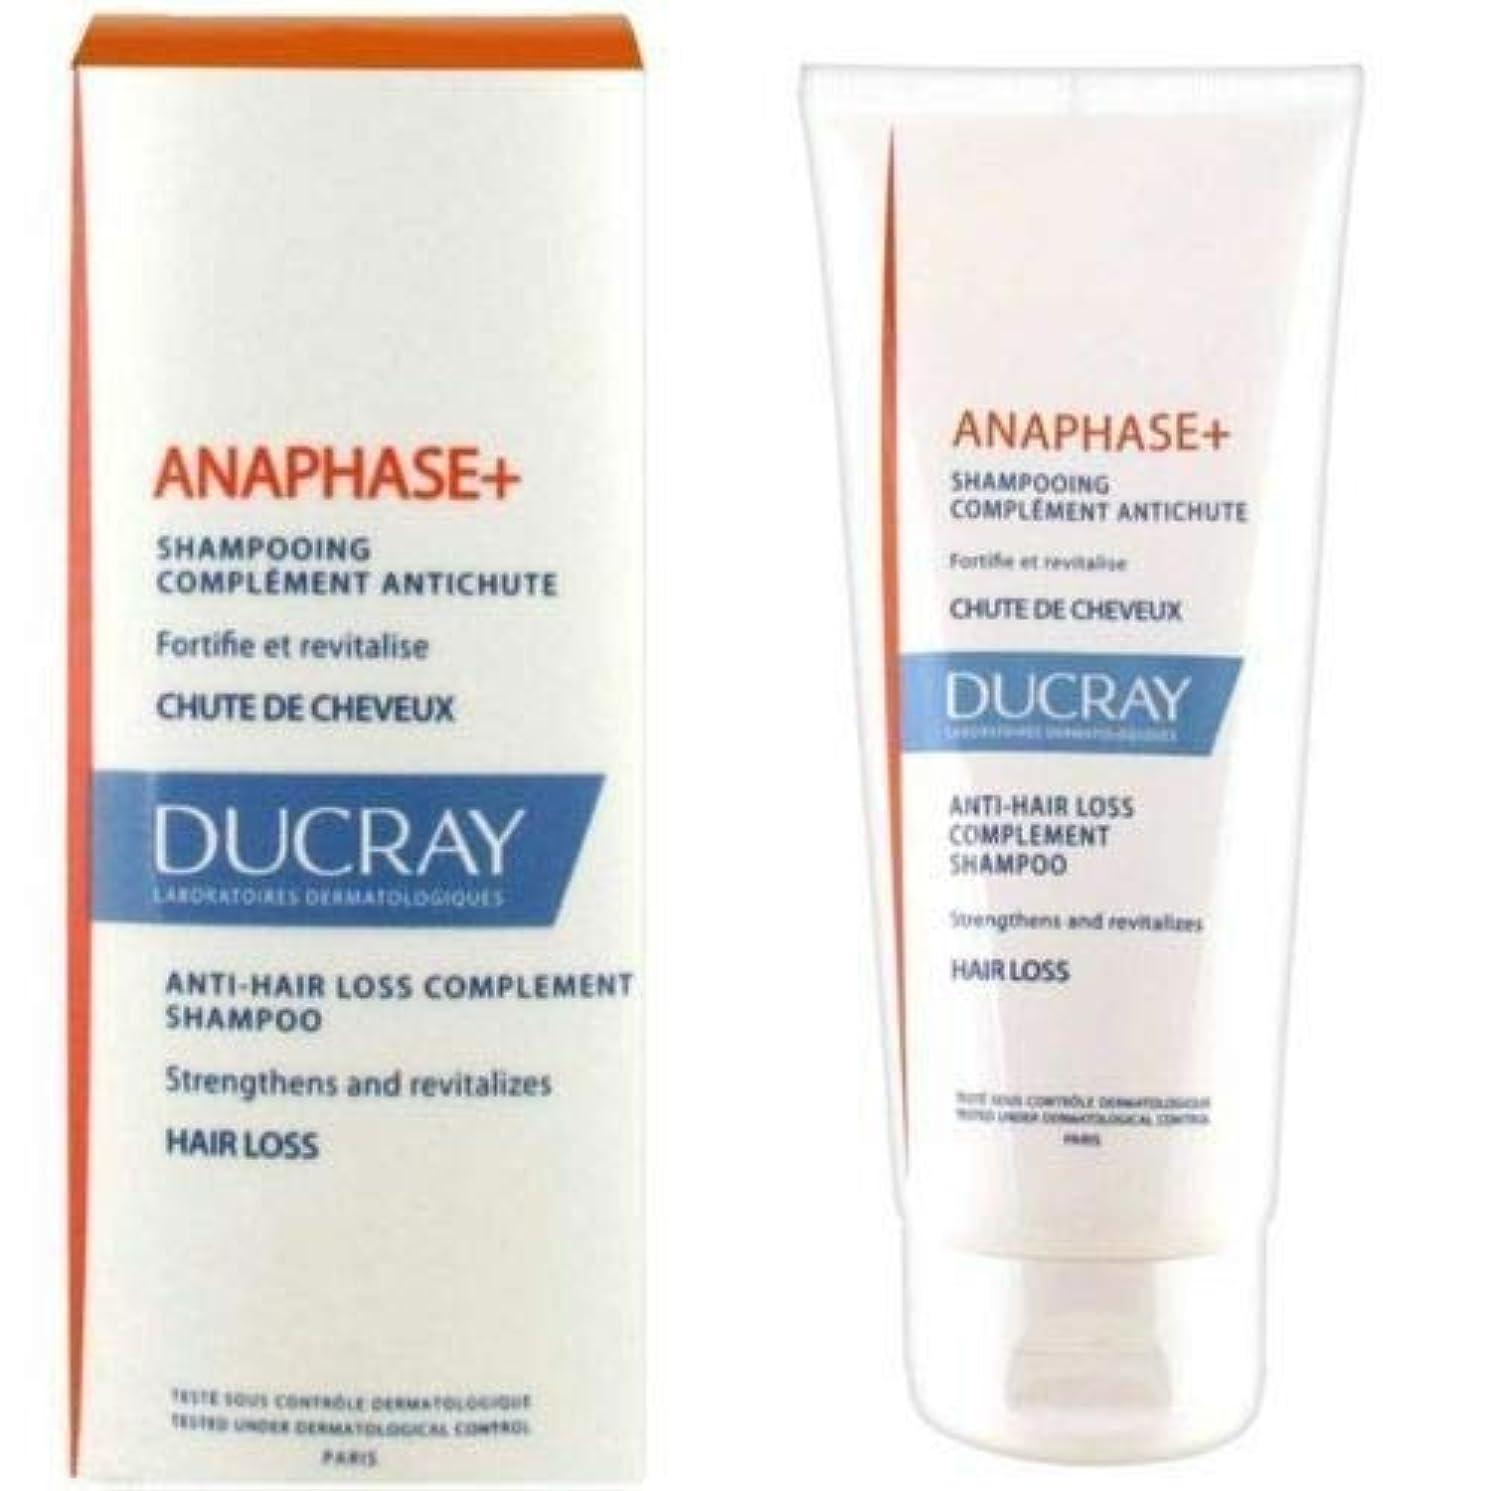 リッチ振動する温度計Ducray Anaphase+ Anti-Hair Loss Complement Shampoo 200ml